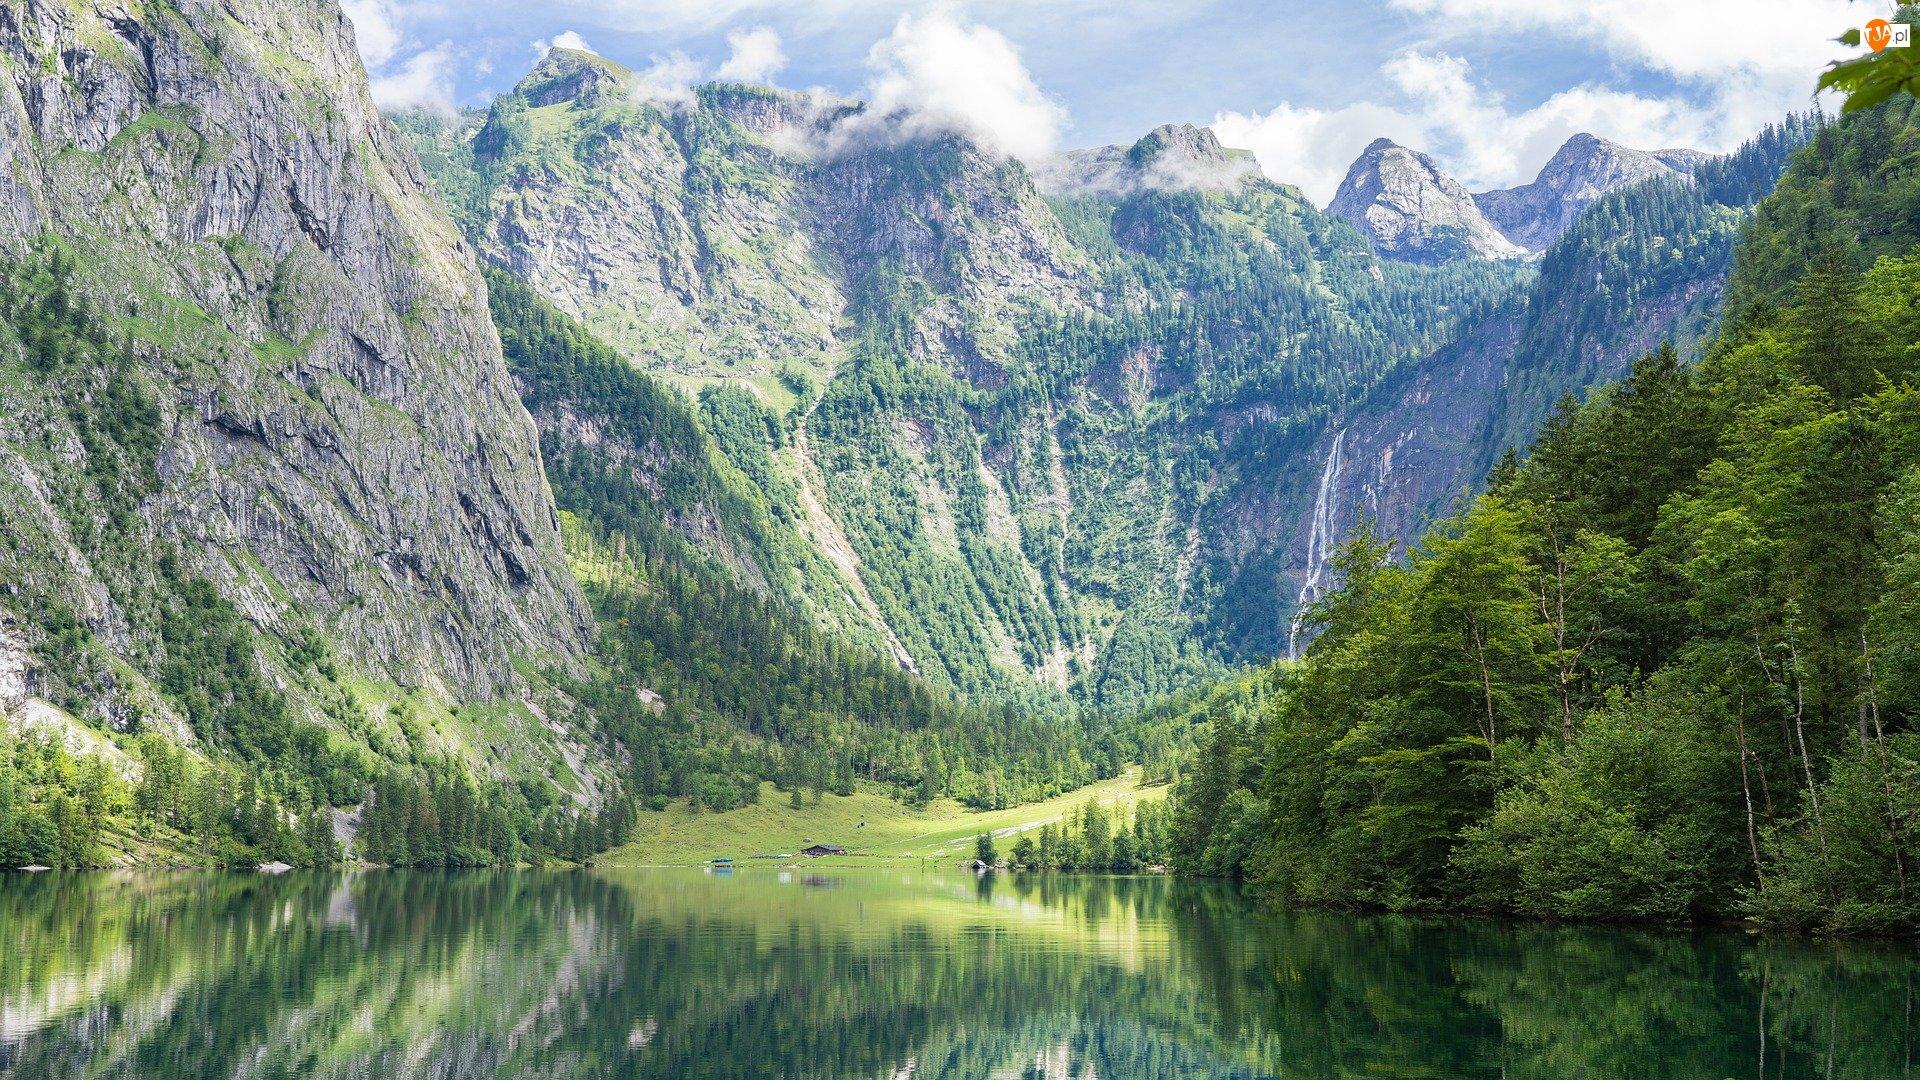 Jezioro Konigssee, Park Narodowy Berchtesgaden, Alpy, Niemcy, Góry, Drzewa Bawaria